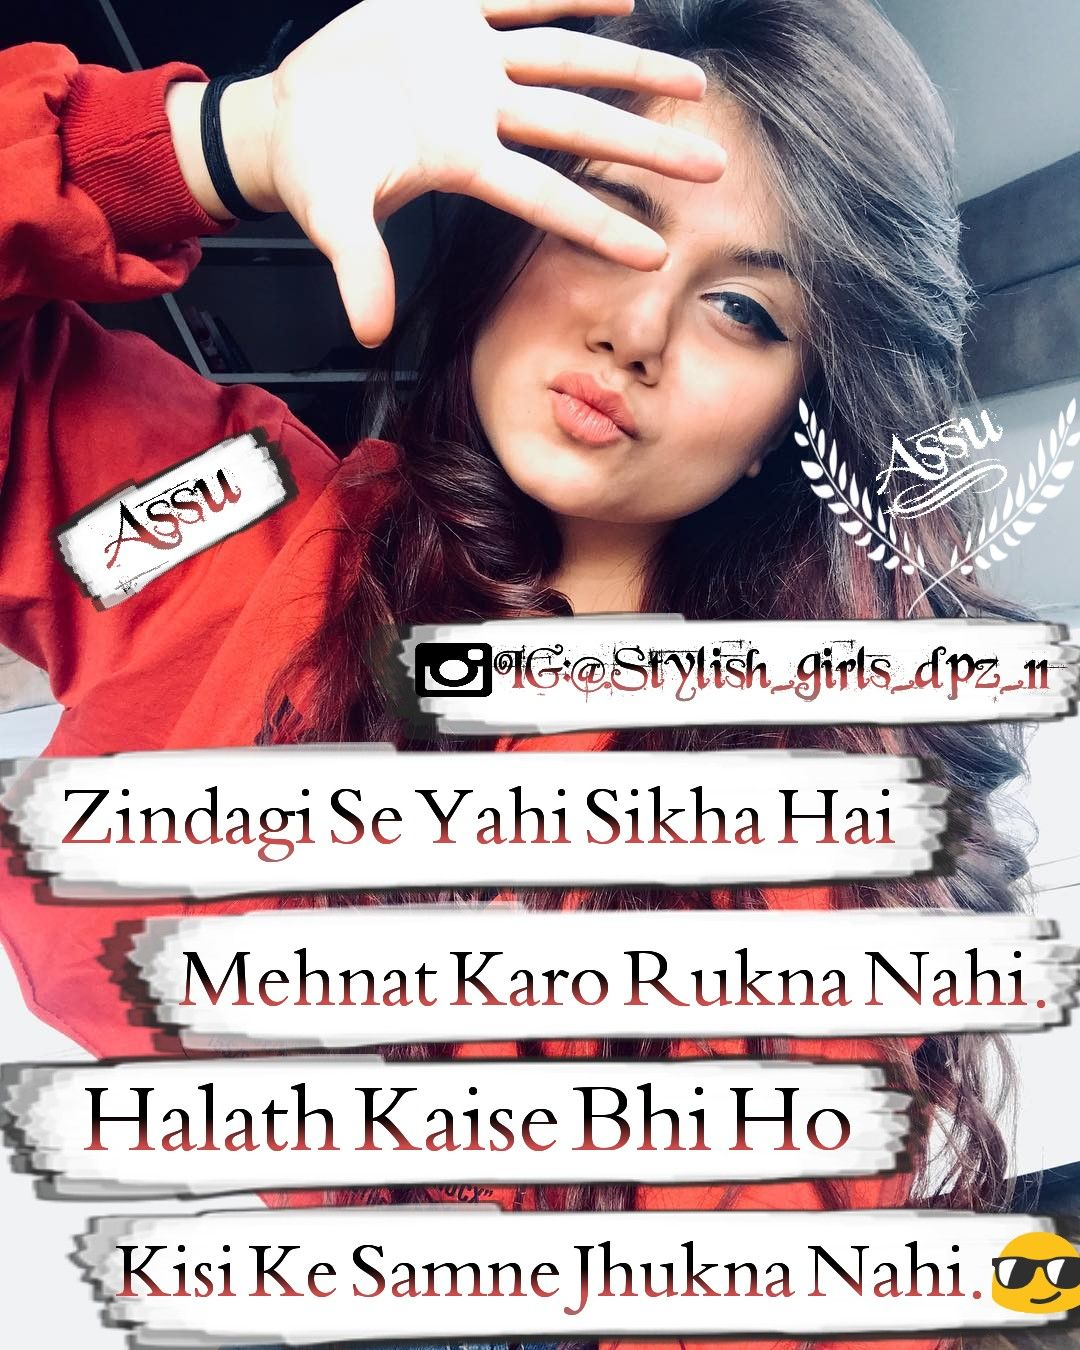 Kaanch Kii Guriiya Funny Attitude Quotes Girly Attitude